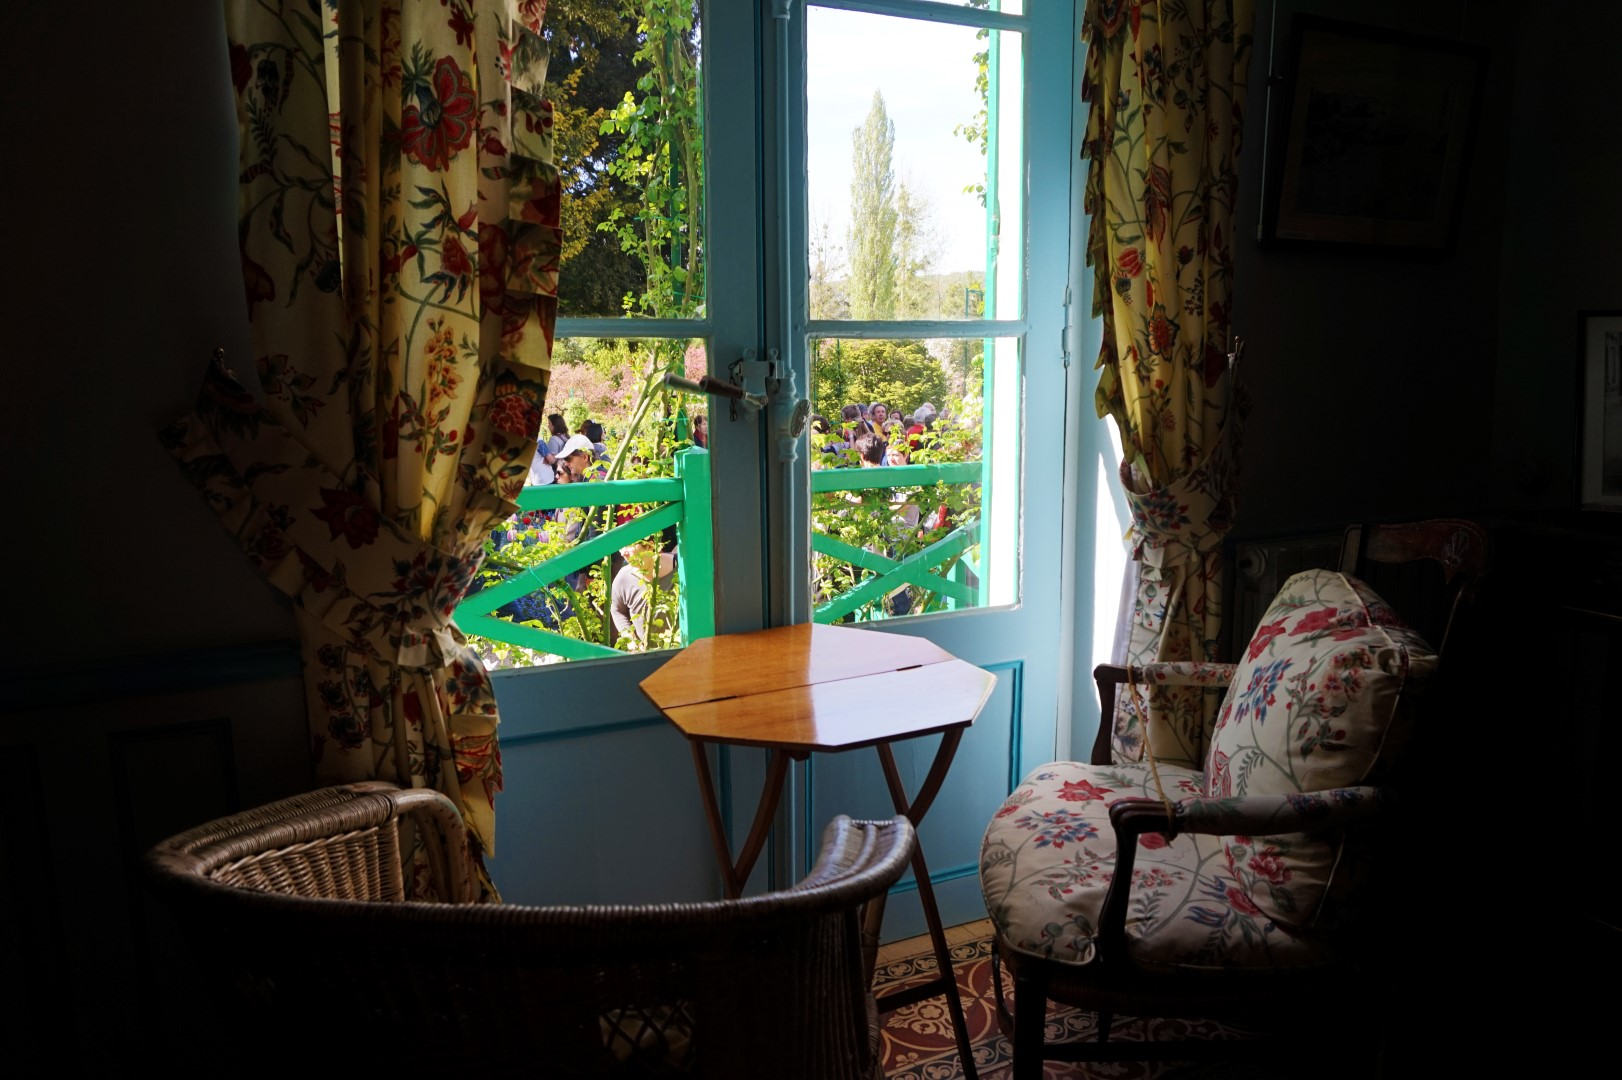 Balade dans les jardins de Monet - le Clos Normand, intérieur